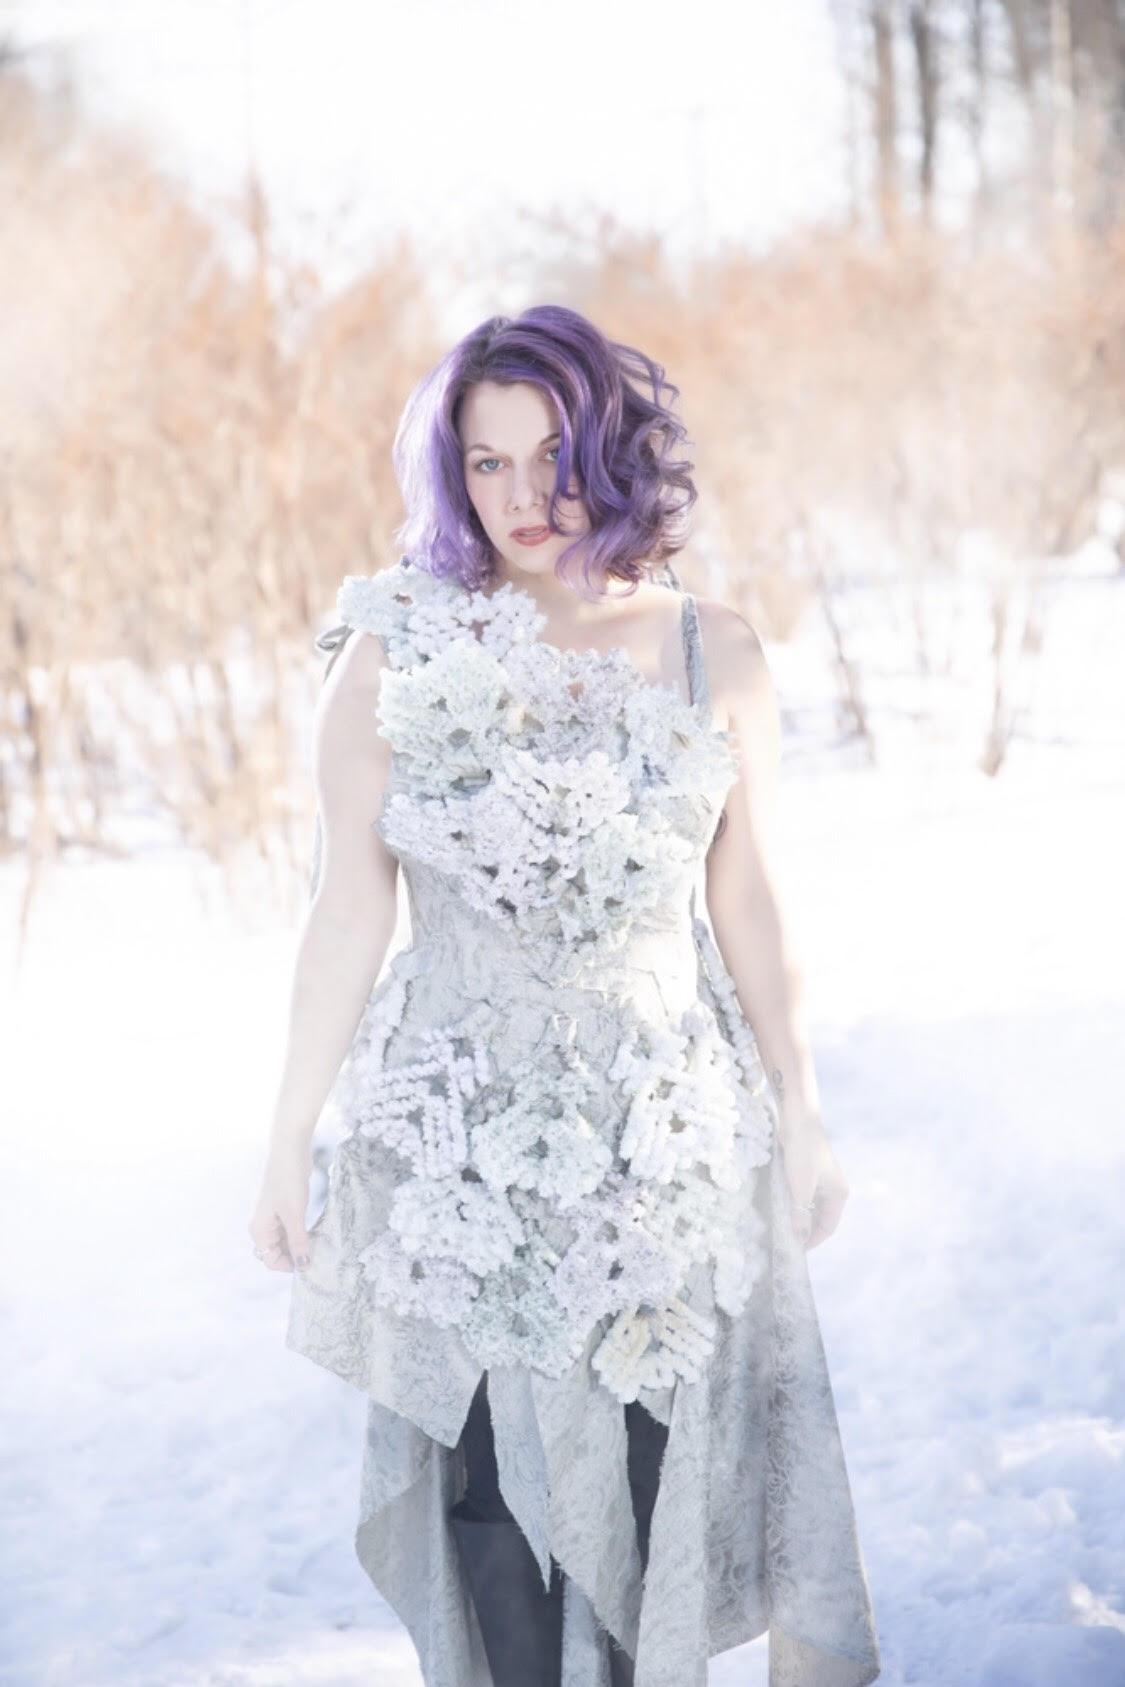 Jennifer Hill (Photo by Mandi Martini and Dress by Kristin Costa